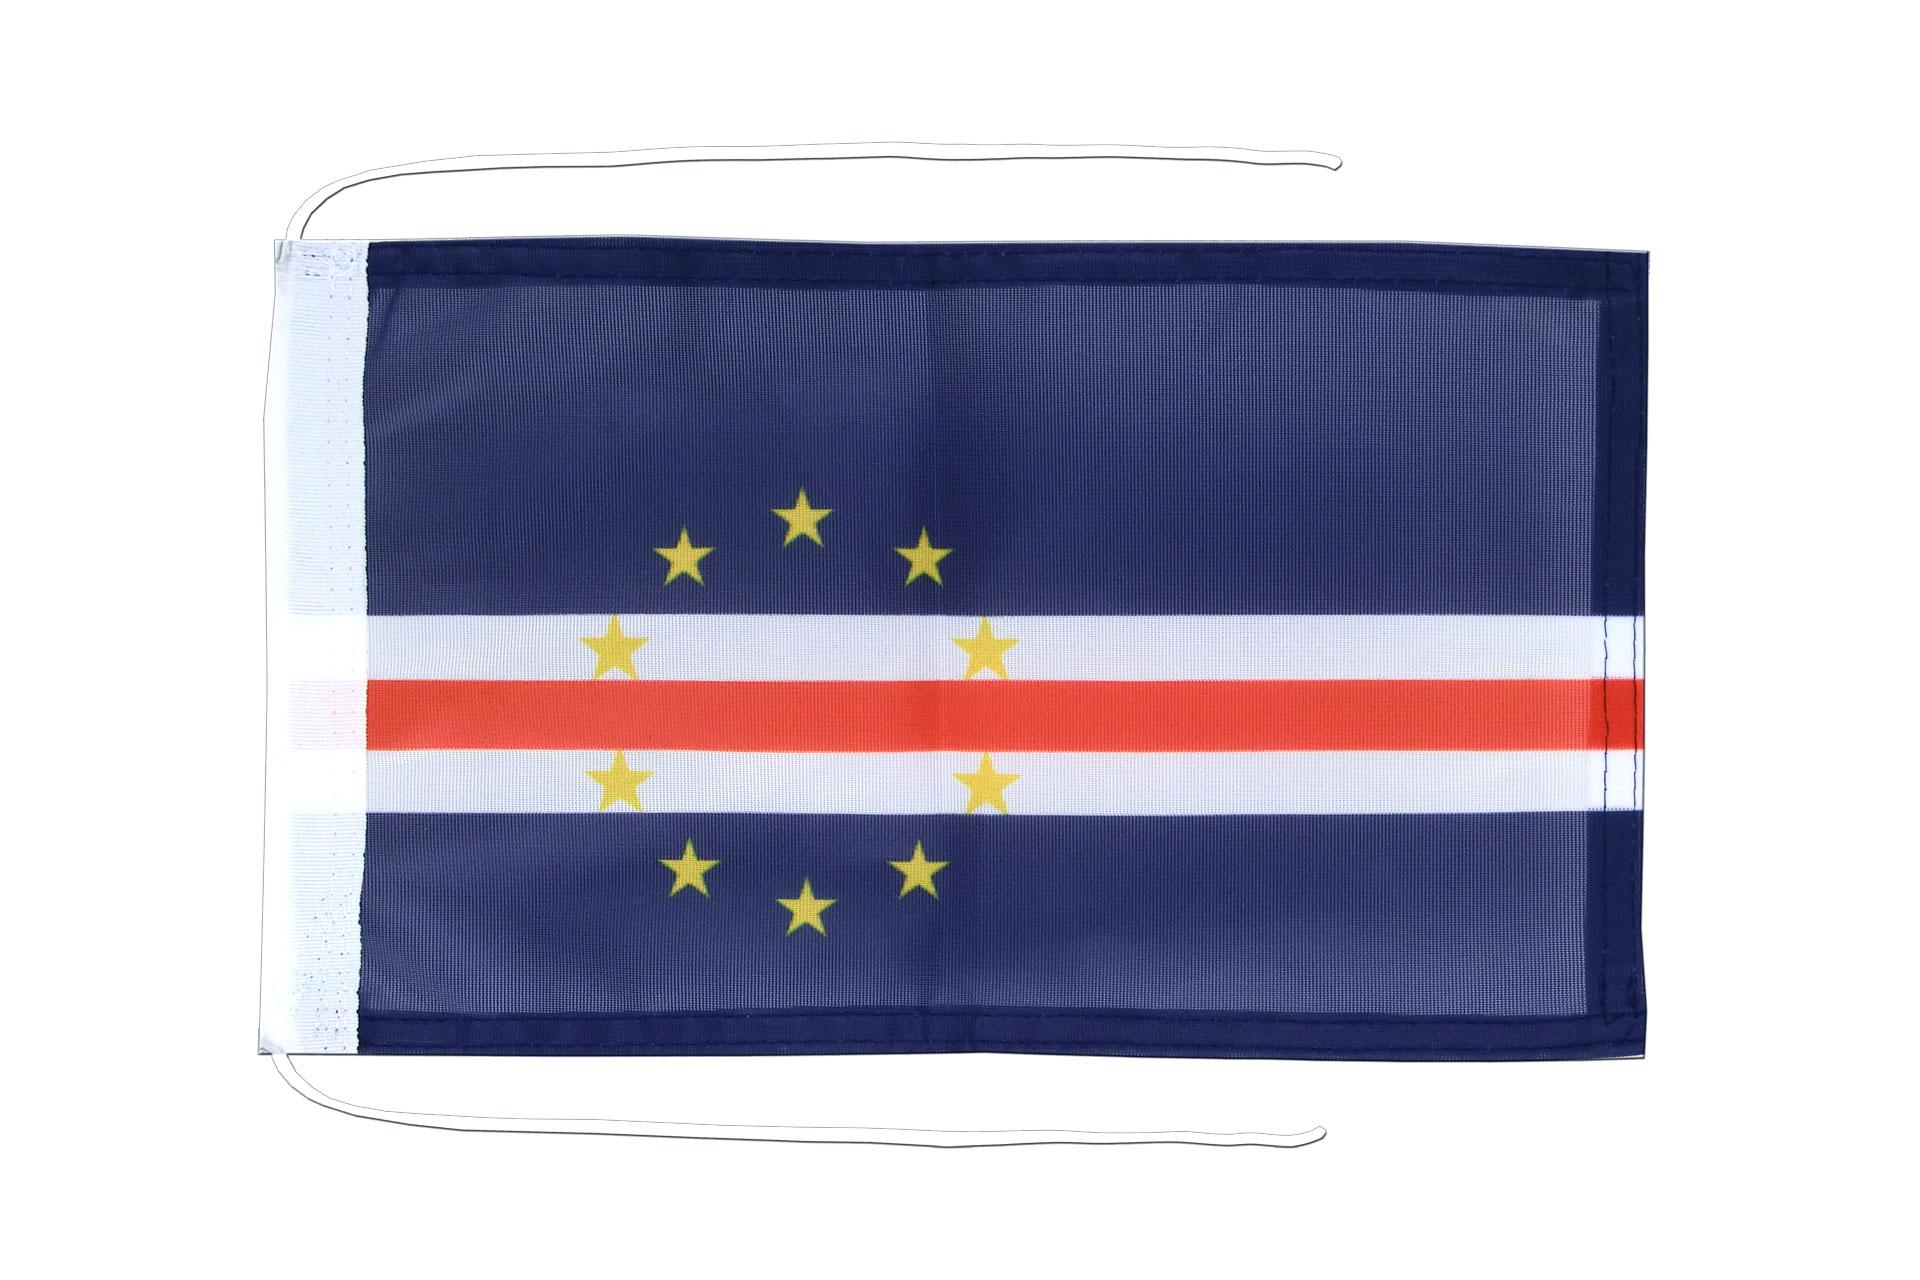 Kap verde flagge 20 x 30 cm - Kleine kap ...